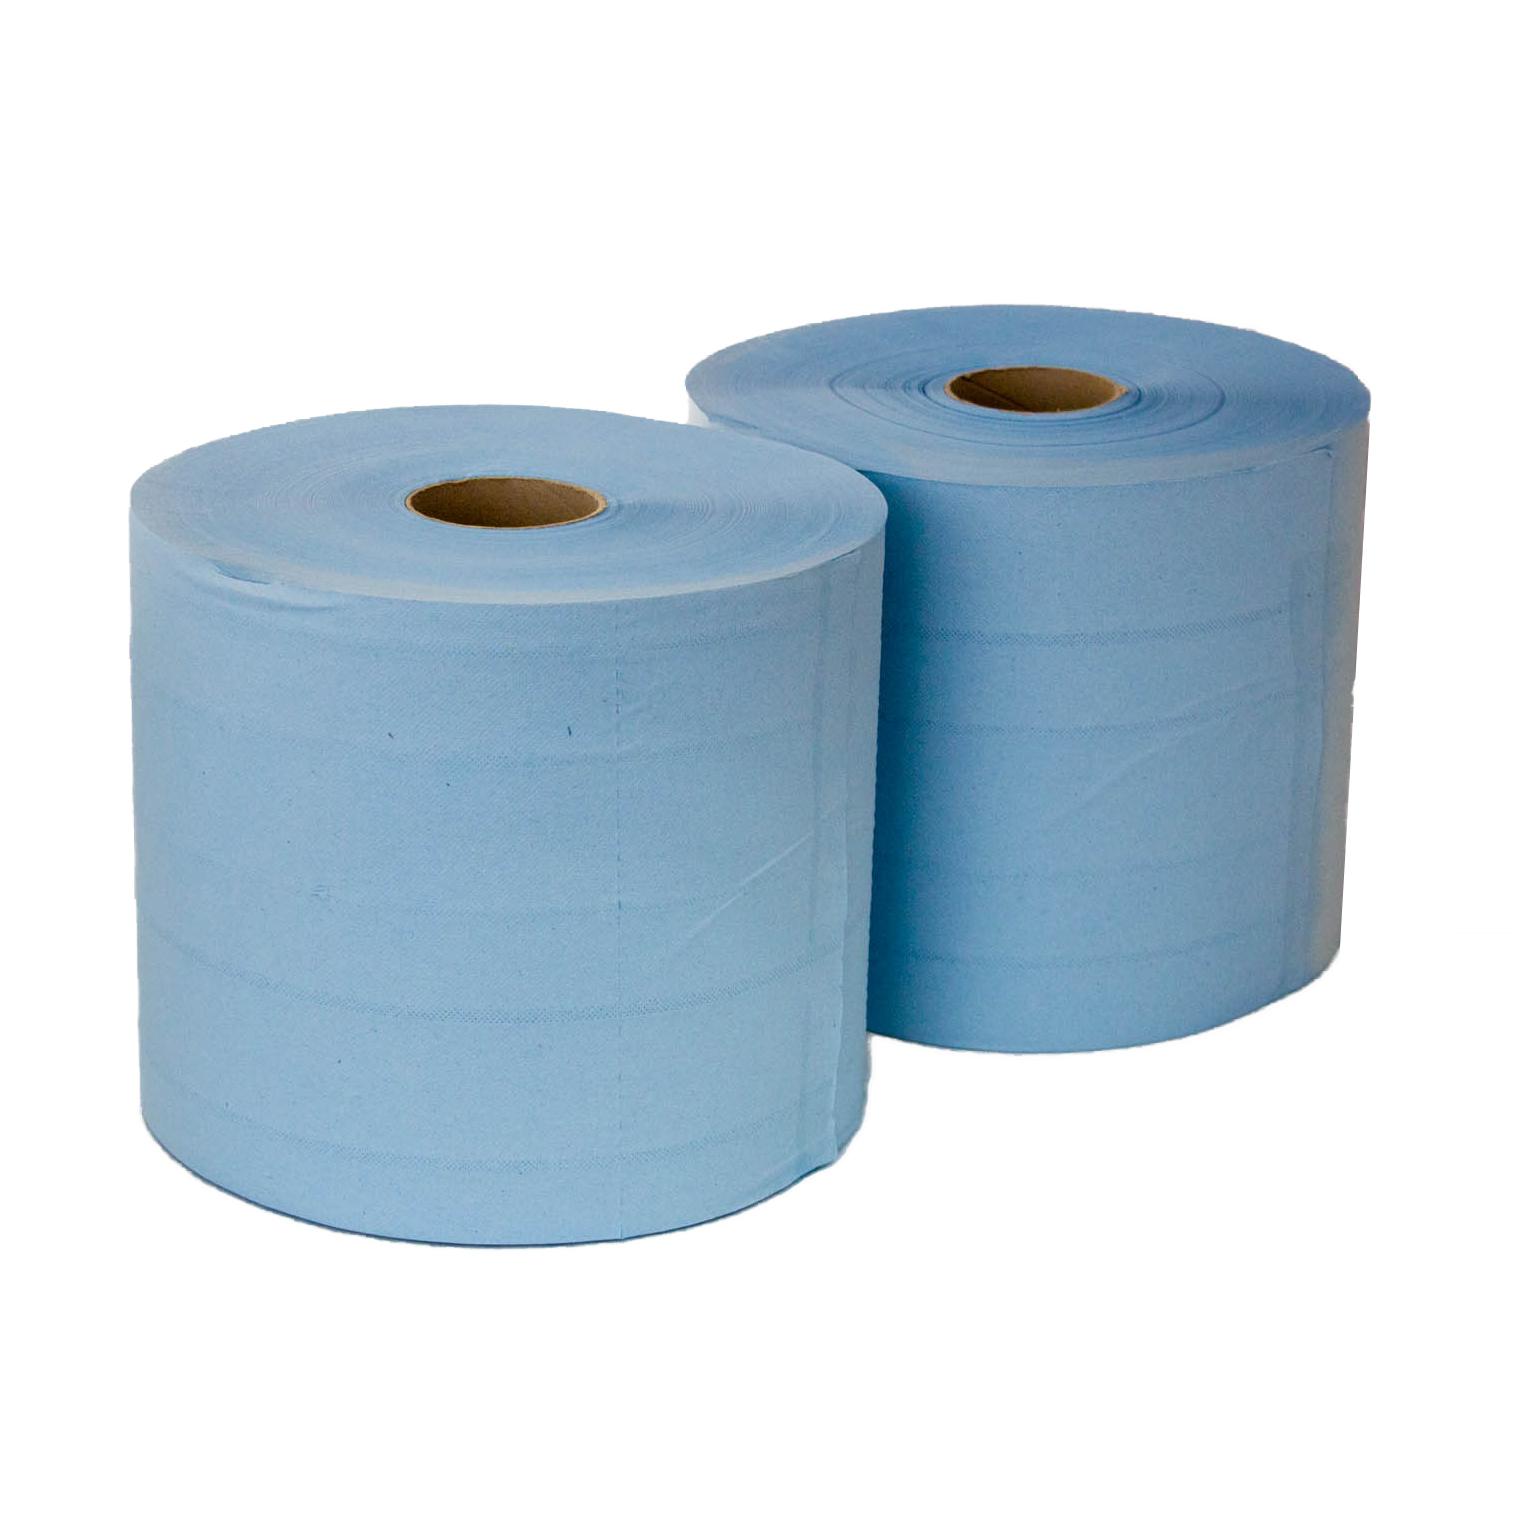 35112/2 Blue wiper Бумага протирочная 24х35, 1000 отрывов 2 слоя, синяя целлюлоза уп.2шт